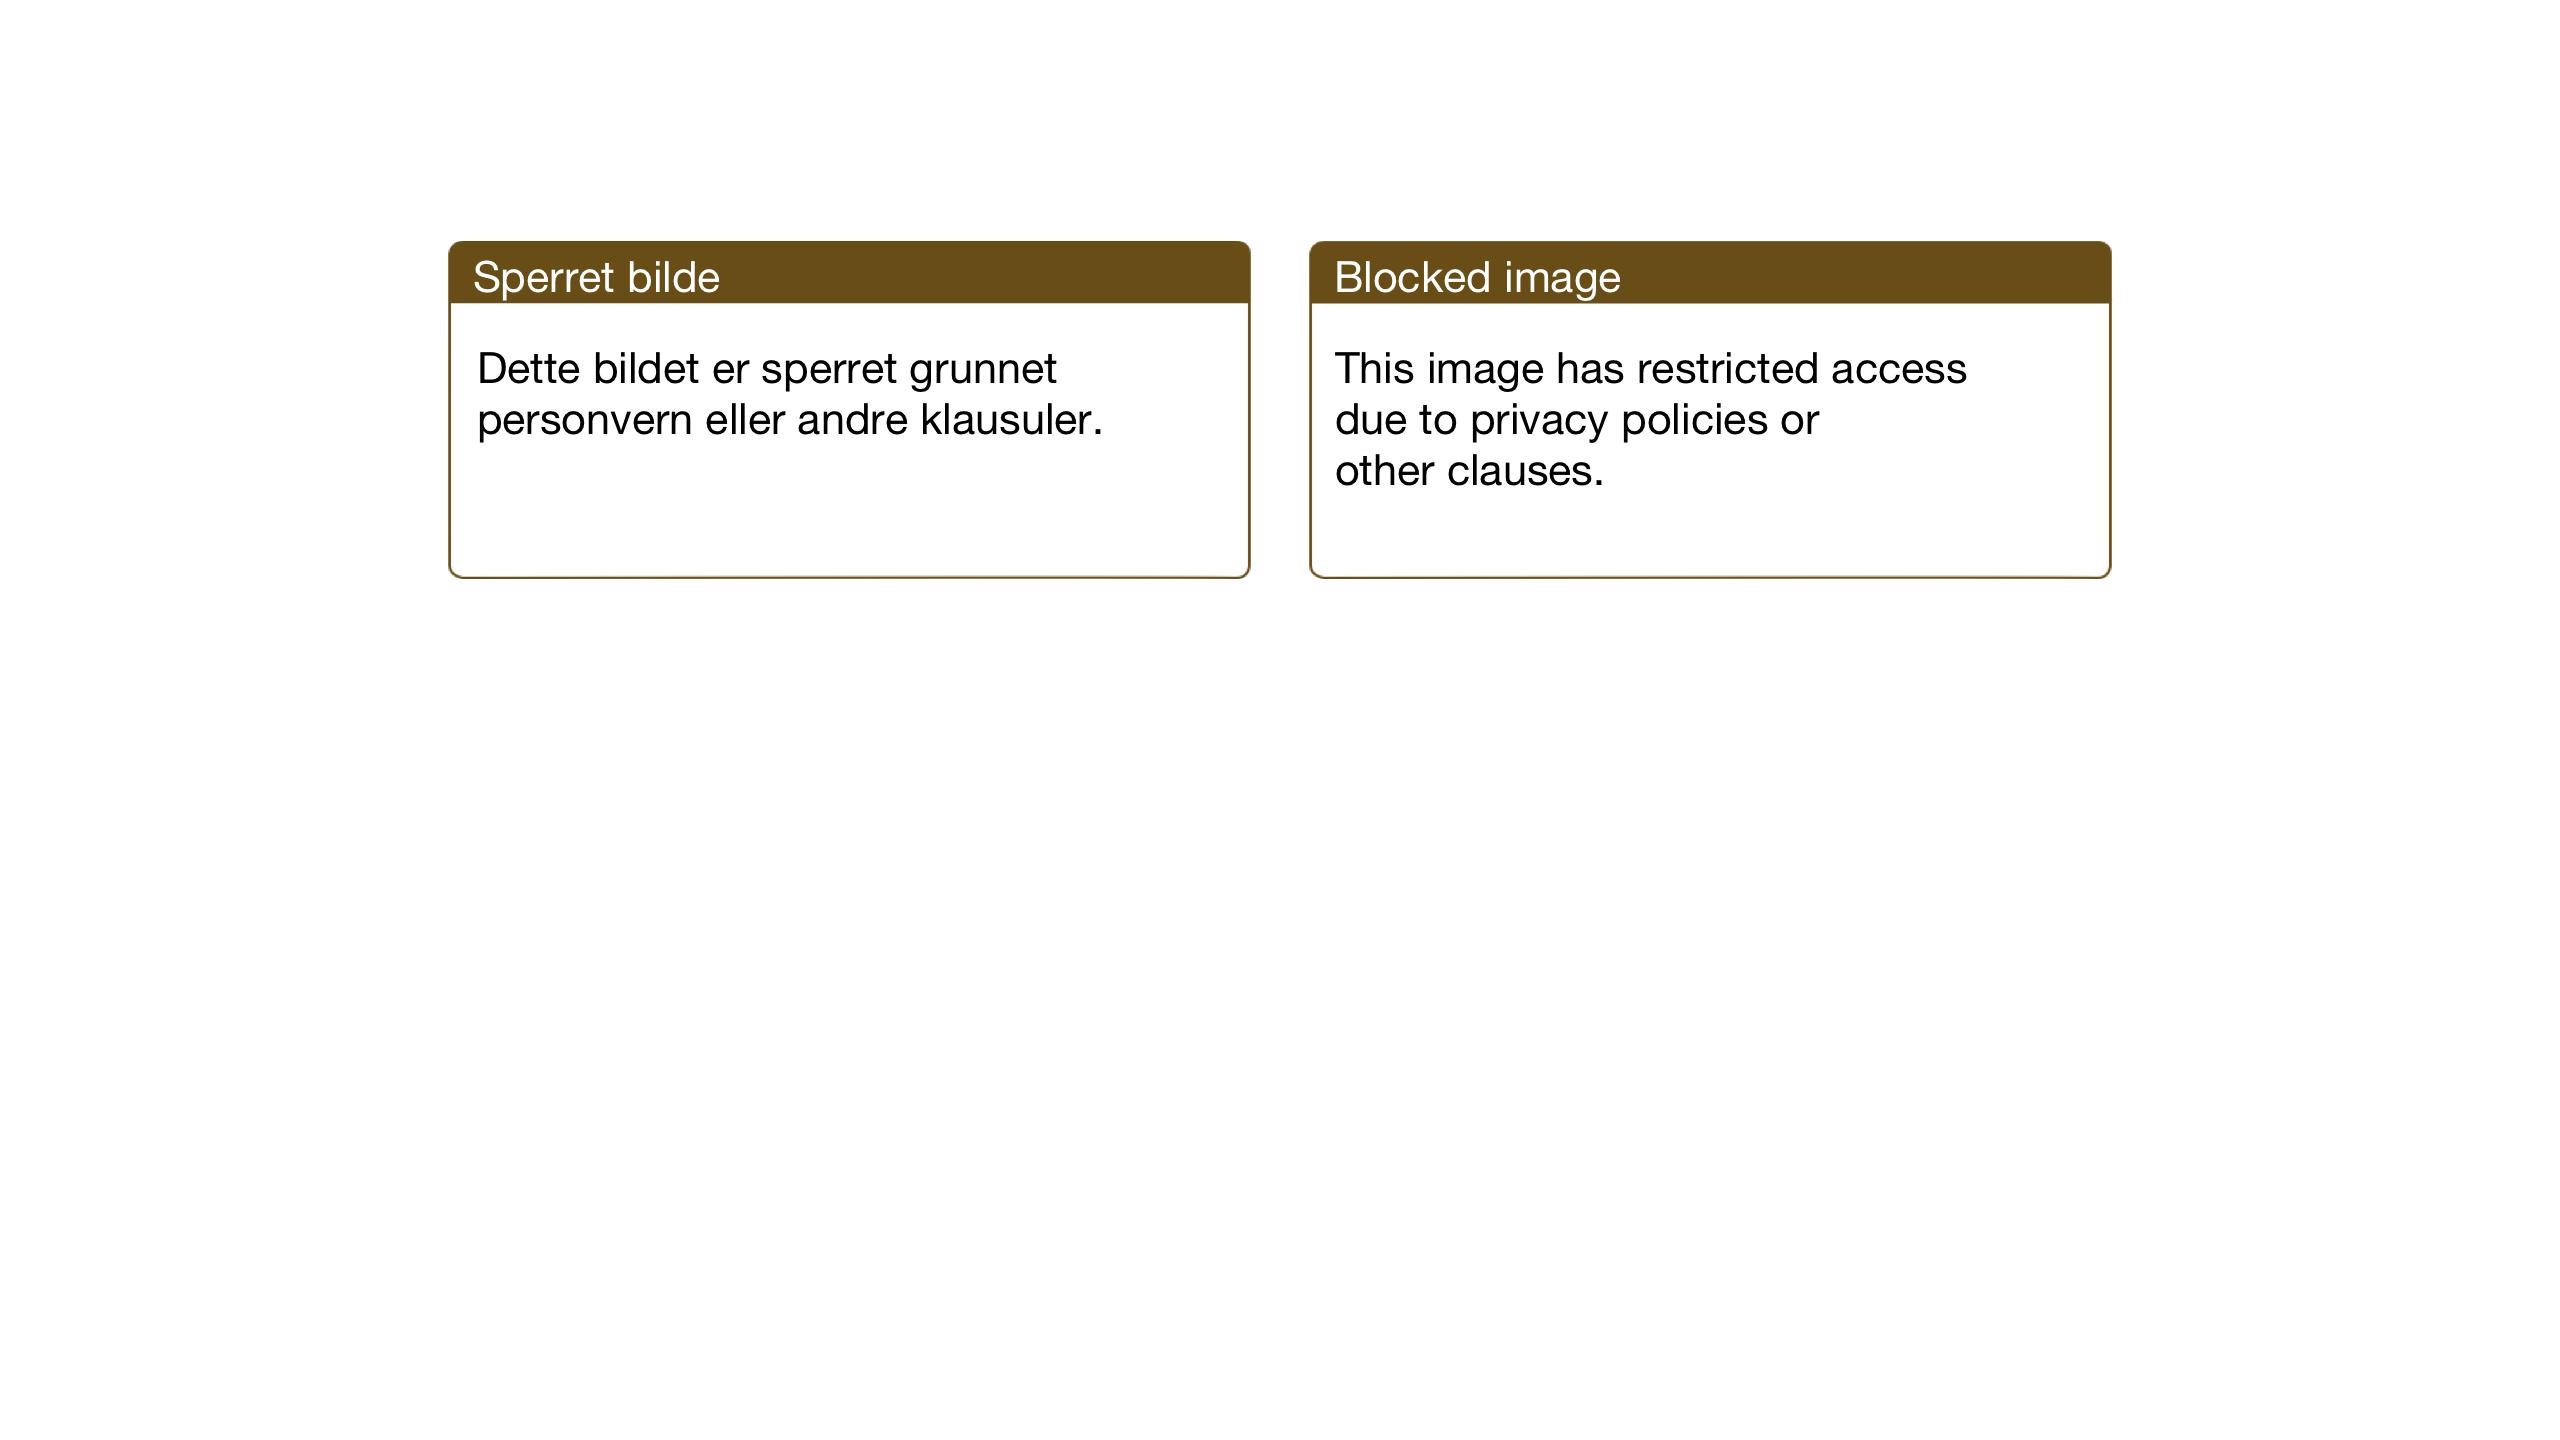 SAT, Ministerialprotokoller, klokkerbøker og fødselsregistre - Sør-Trøndelag, 692/L1114: Klokkerbok nr. 692C09, 1928-1935, s. 18